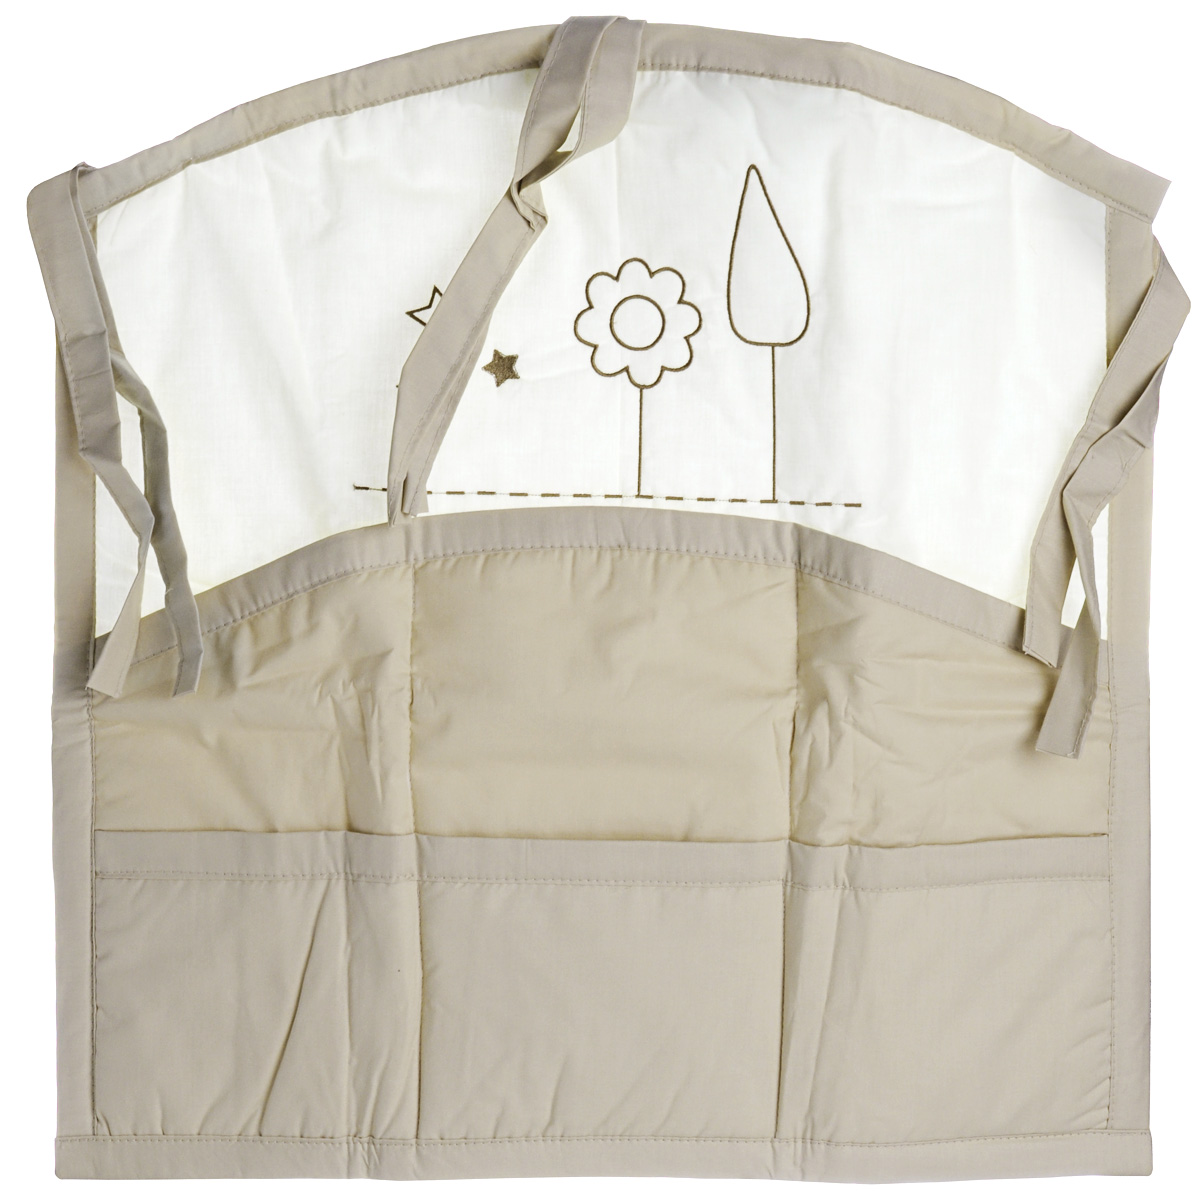 Карман на кроватку Fairy Я и моя мама, цвет: белый, бежевый, 59 см х 60 см сумка для пеленок и подгузников fairy я и моя мама цвет бежевый 50 см х 40 см